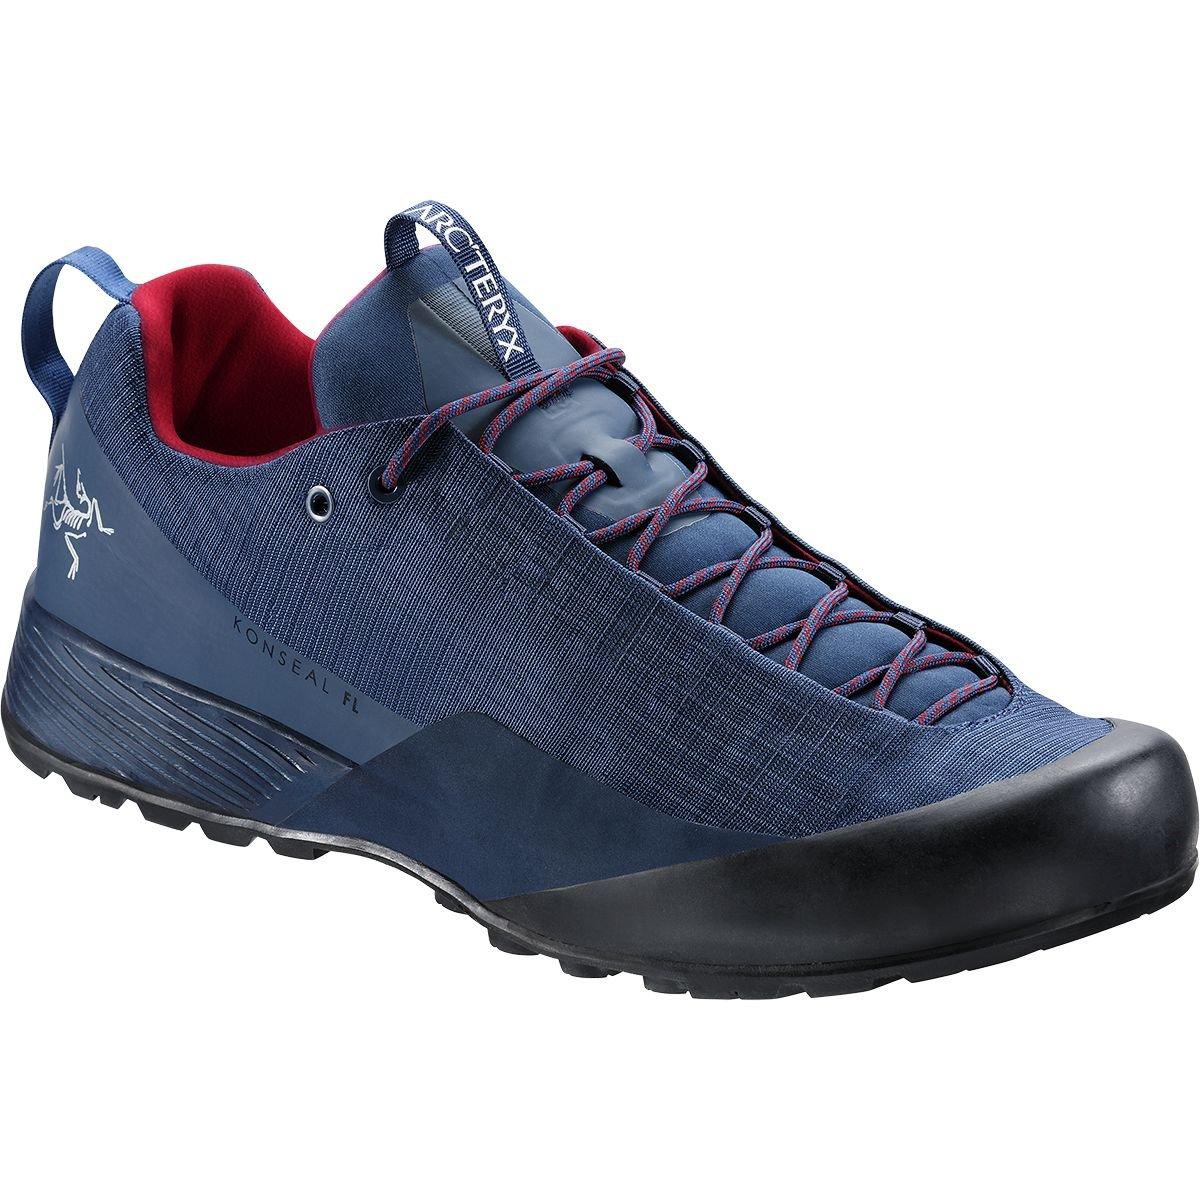 Arcteryx Schuhe Konseal FL Men - Outdoorschuhe